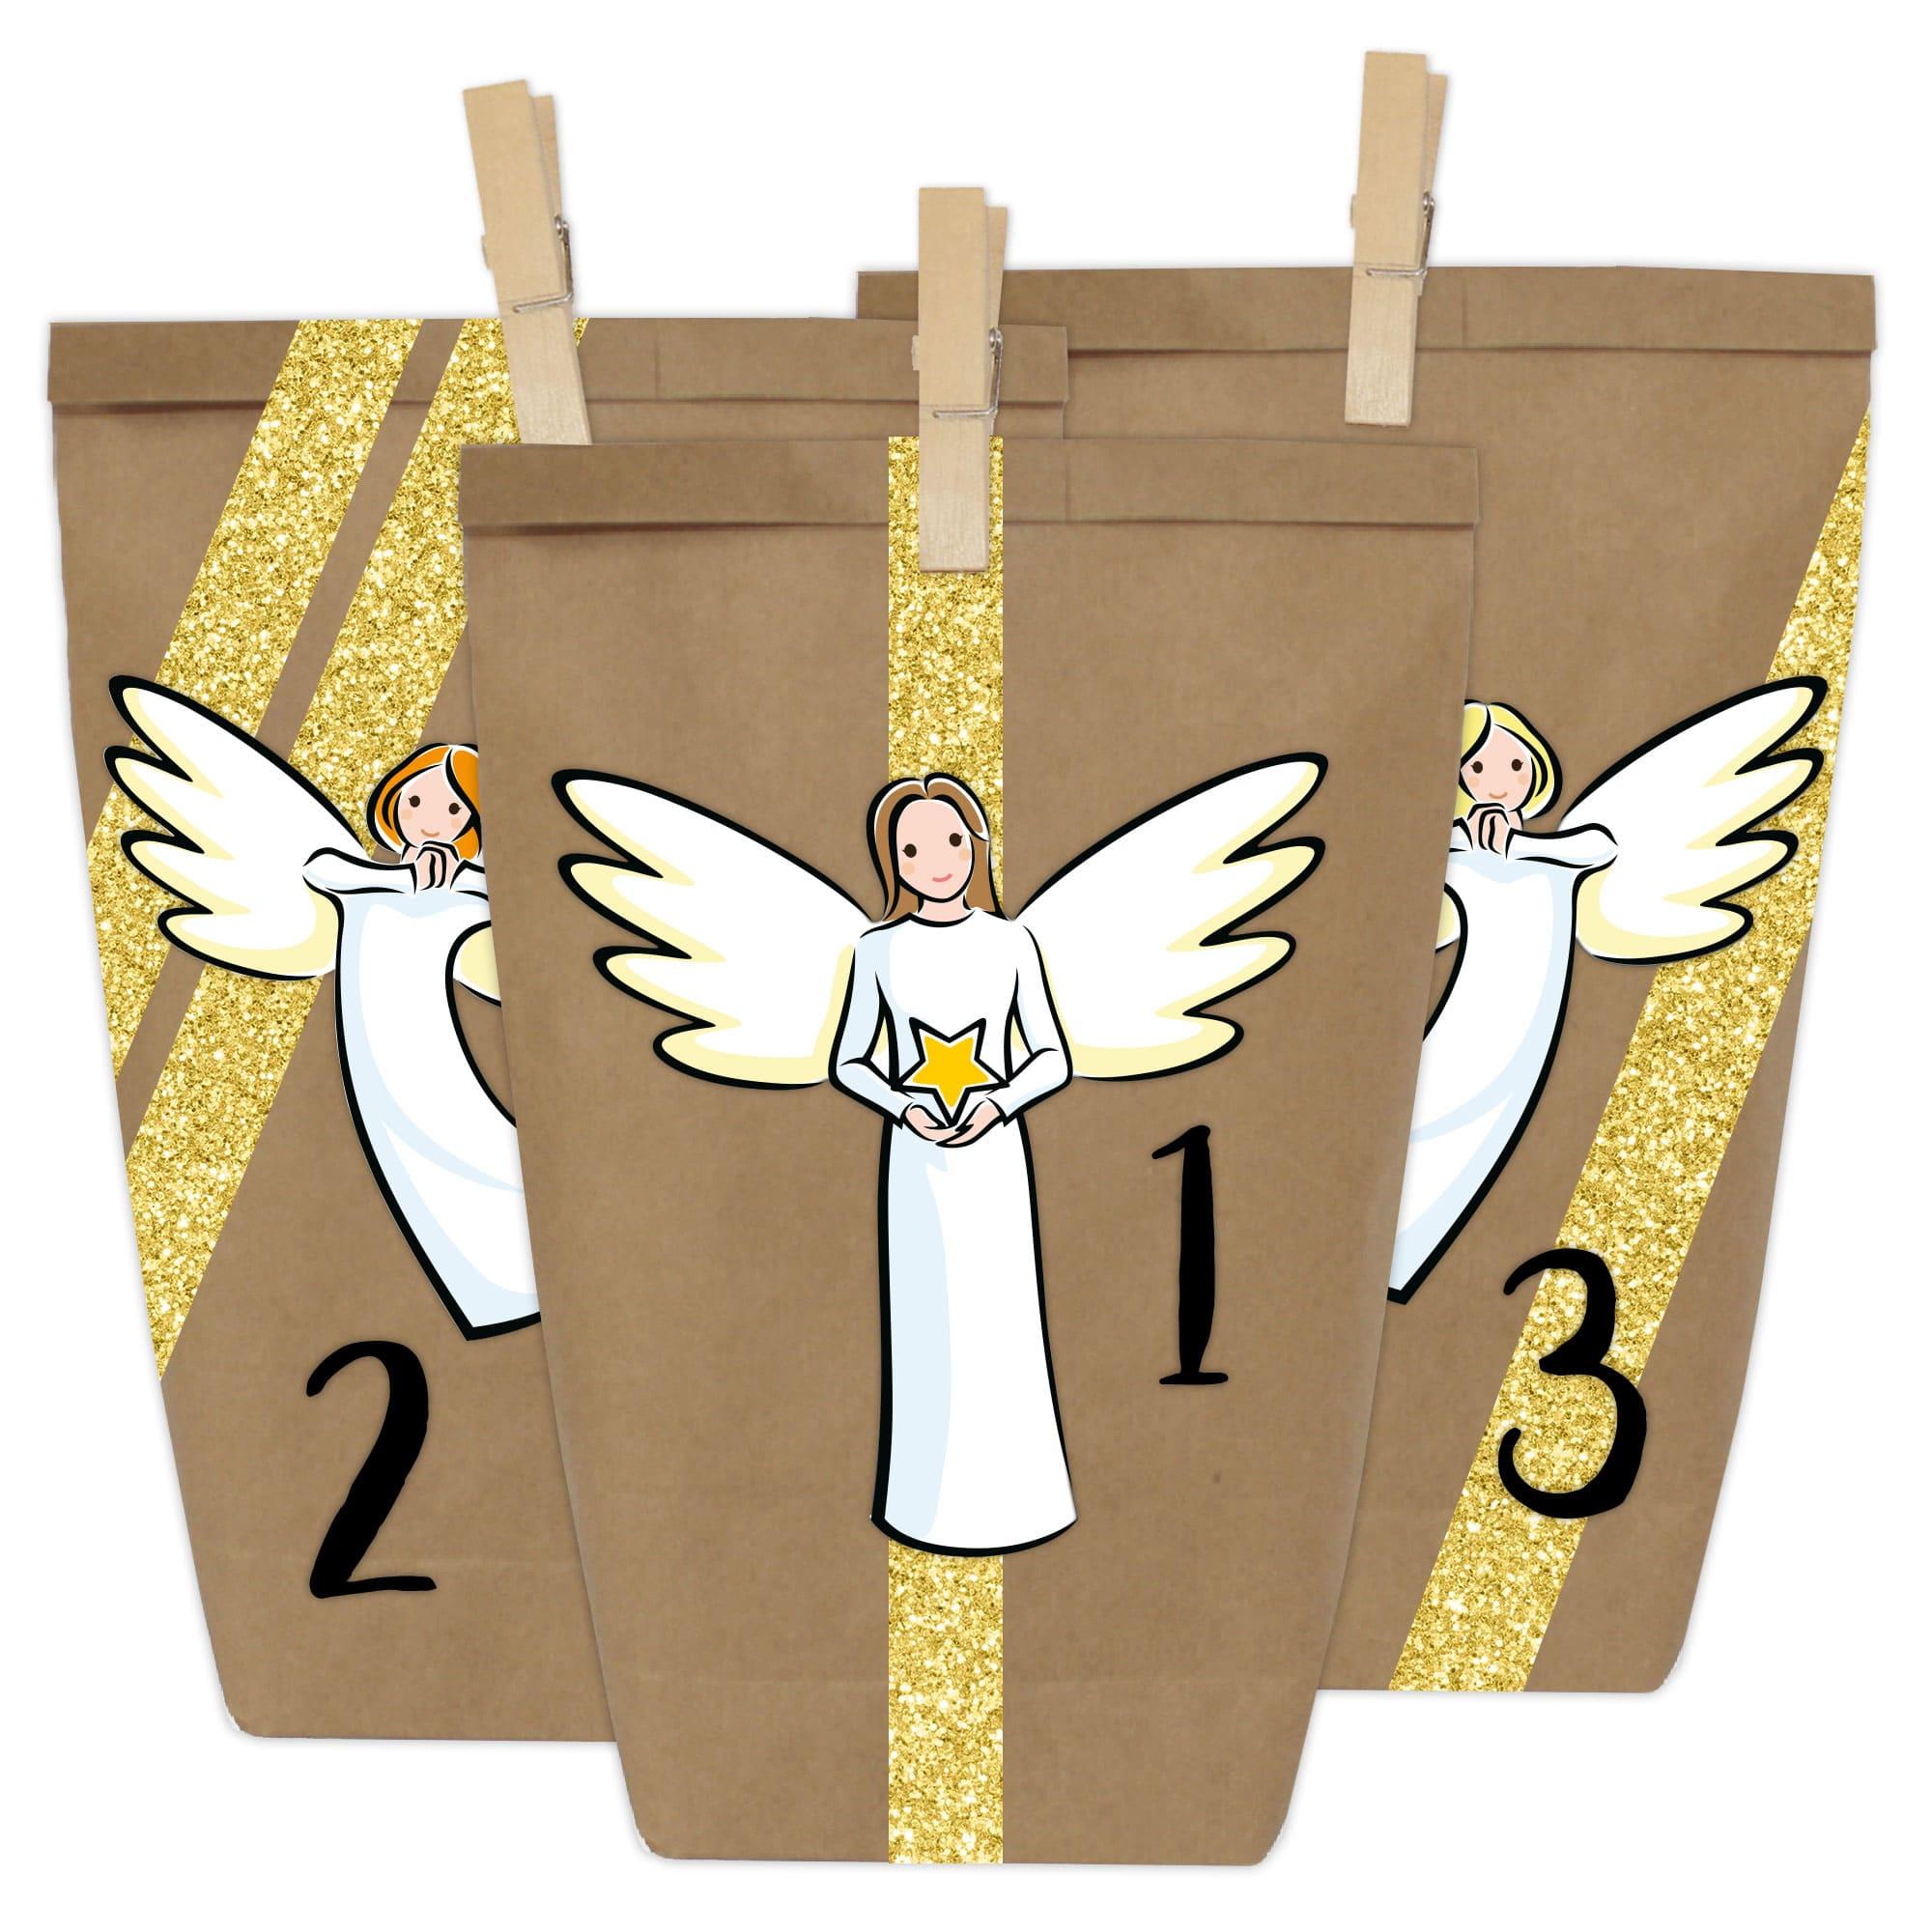 400 065 004 1 Adventskalender Online Tuten Engel Kinder Selbermachen